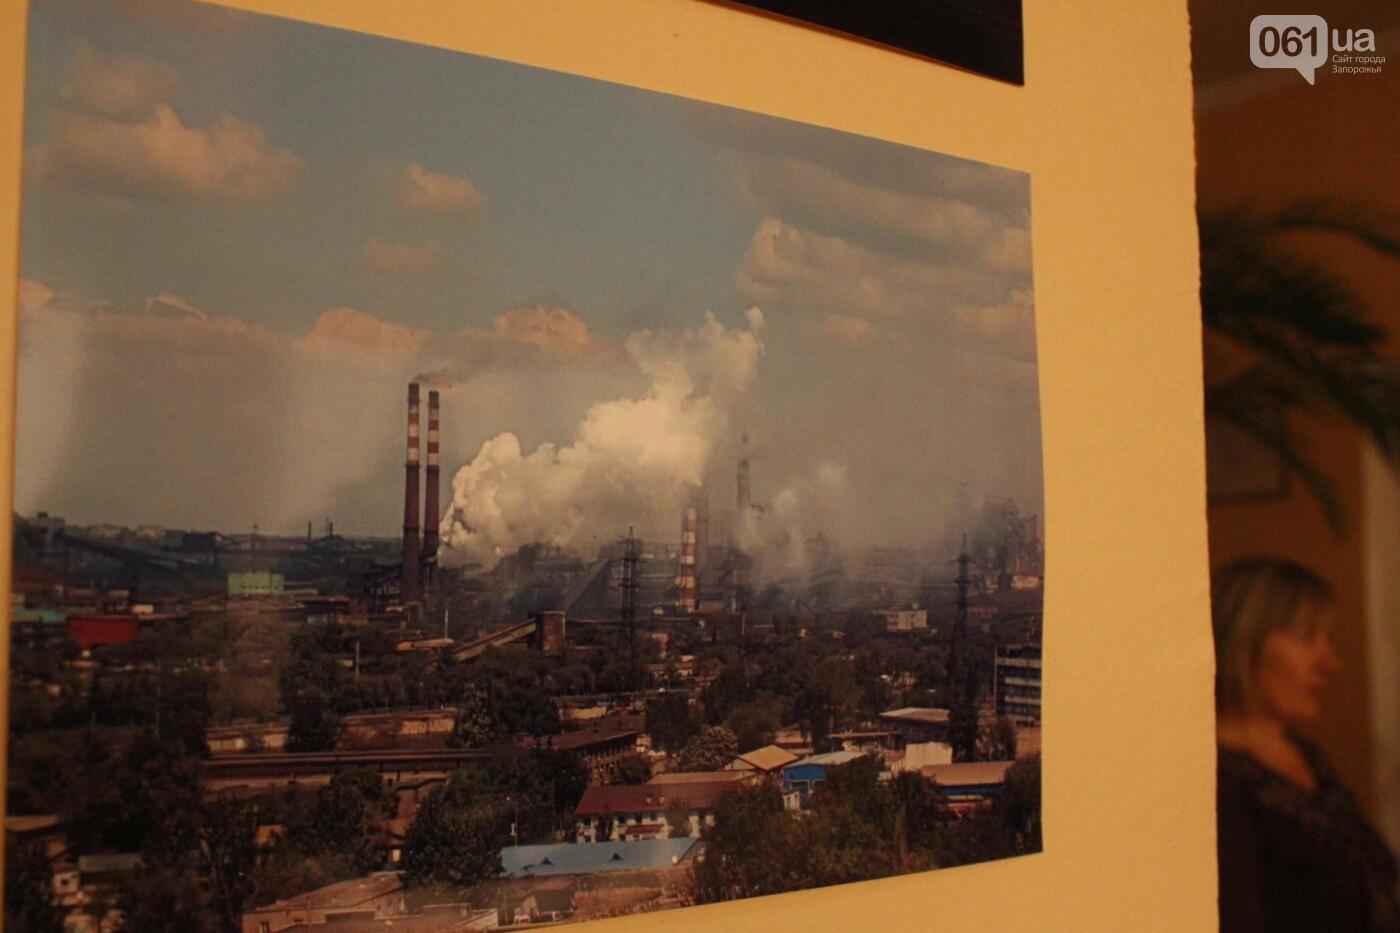 """Организаторы фотовыставки """"Экоцид по-запорожски"""" планируют провести её за границей, - ФОТОРЕПОРТАЖ, фото-5"""